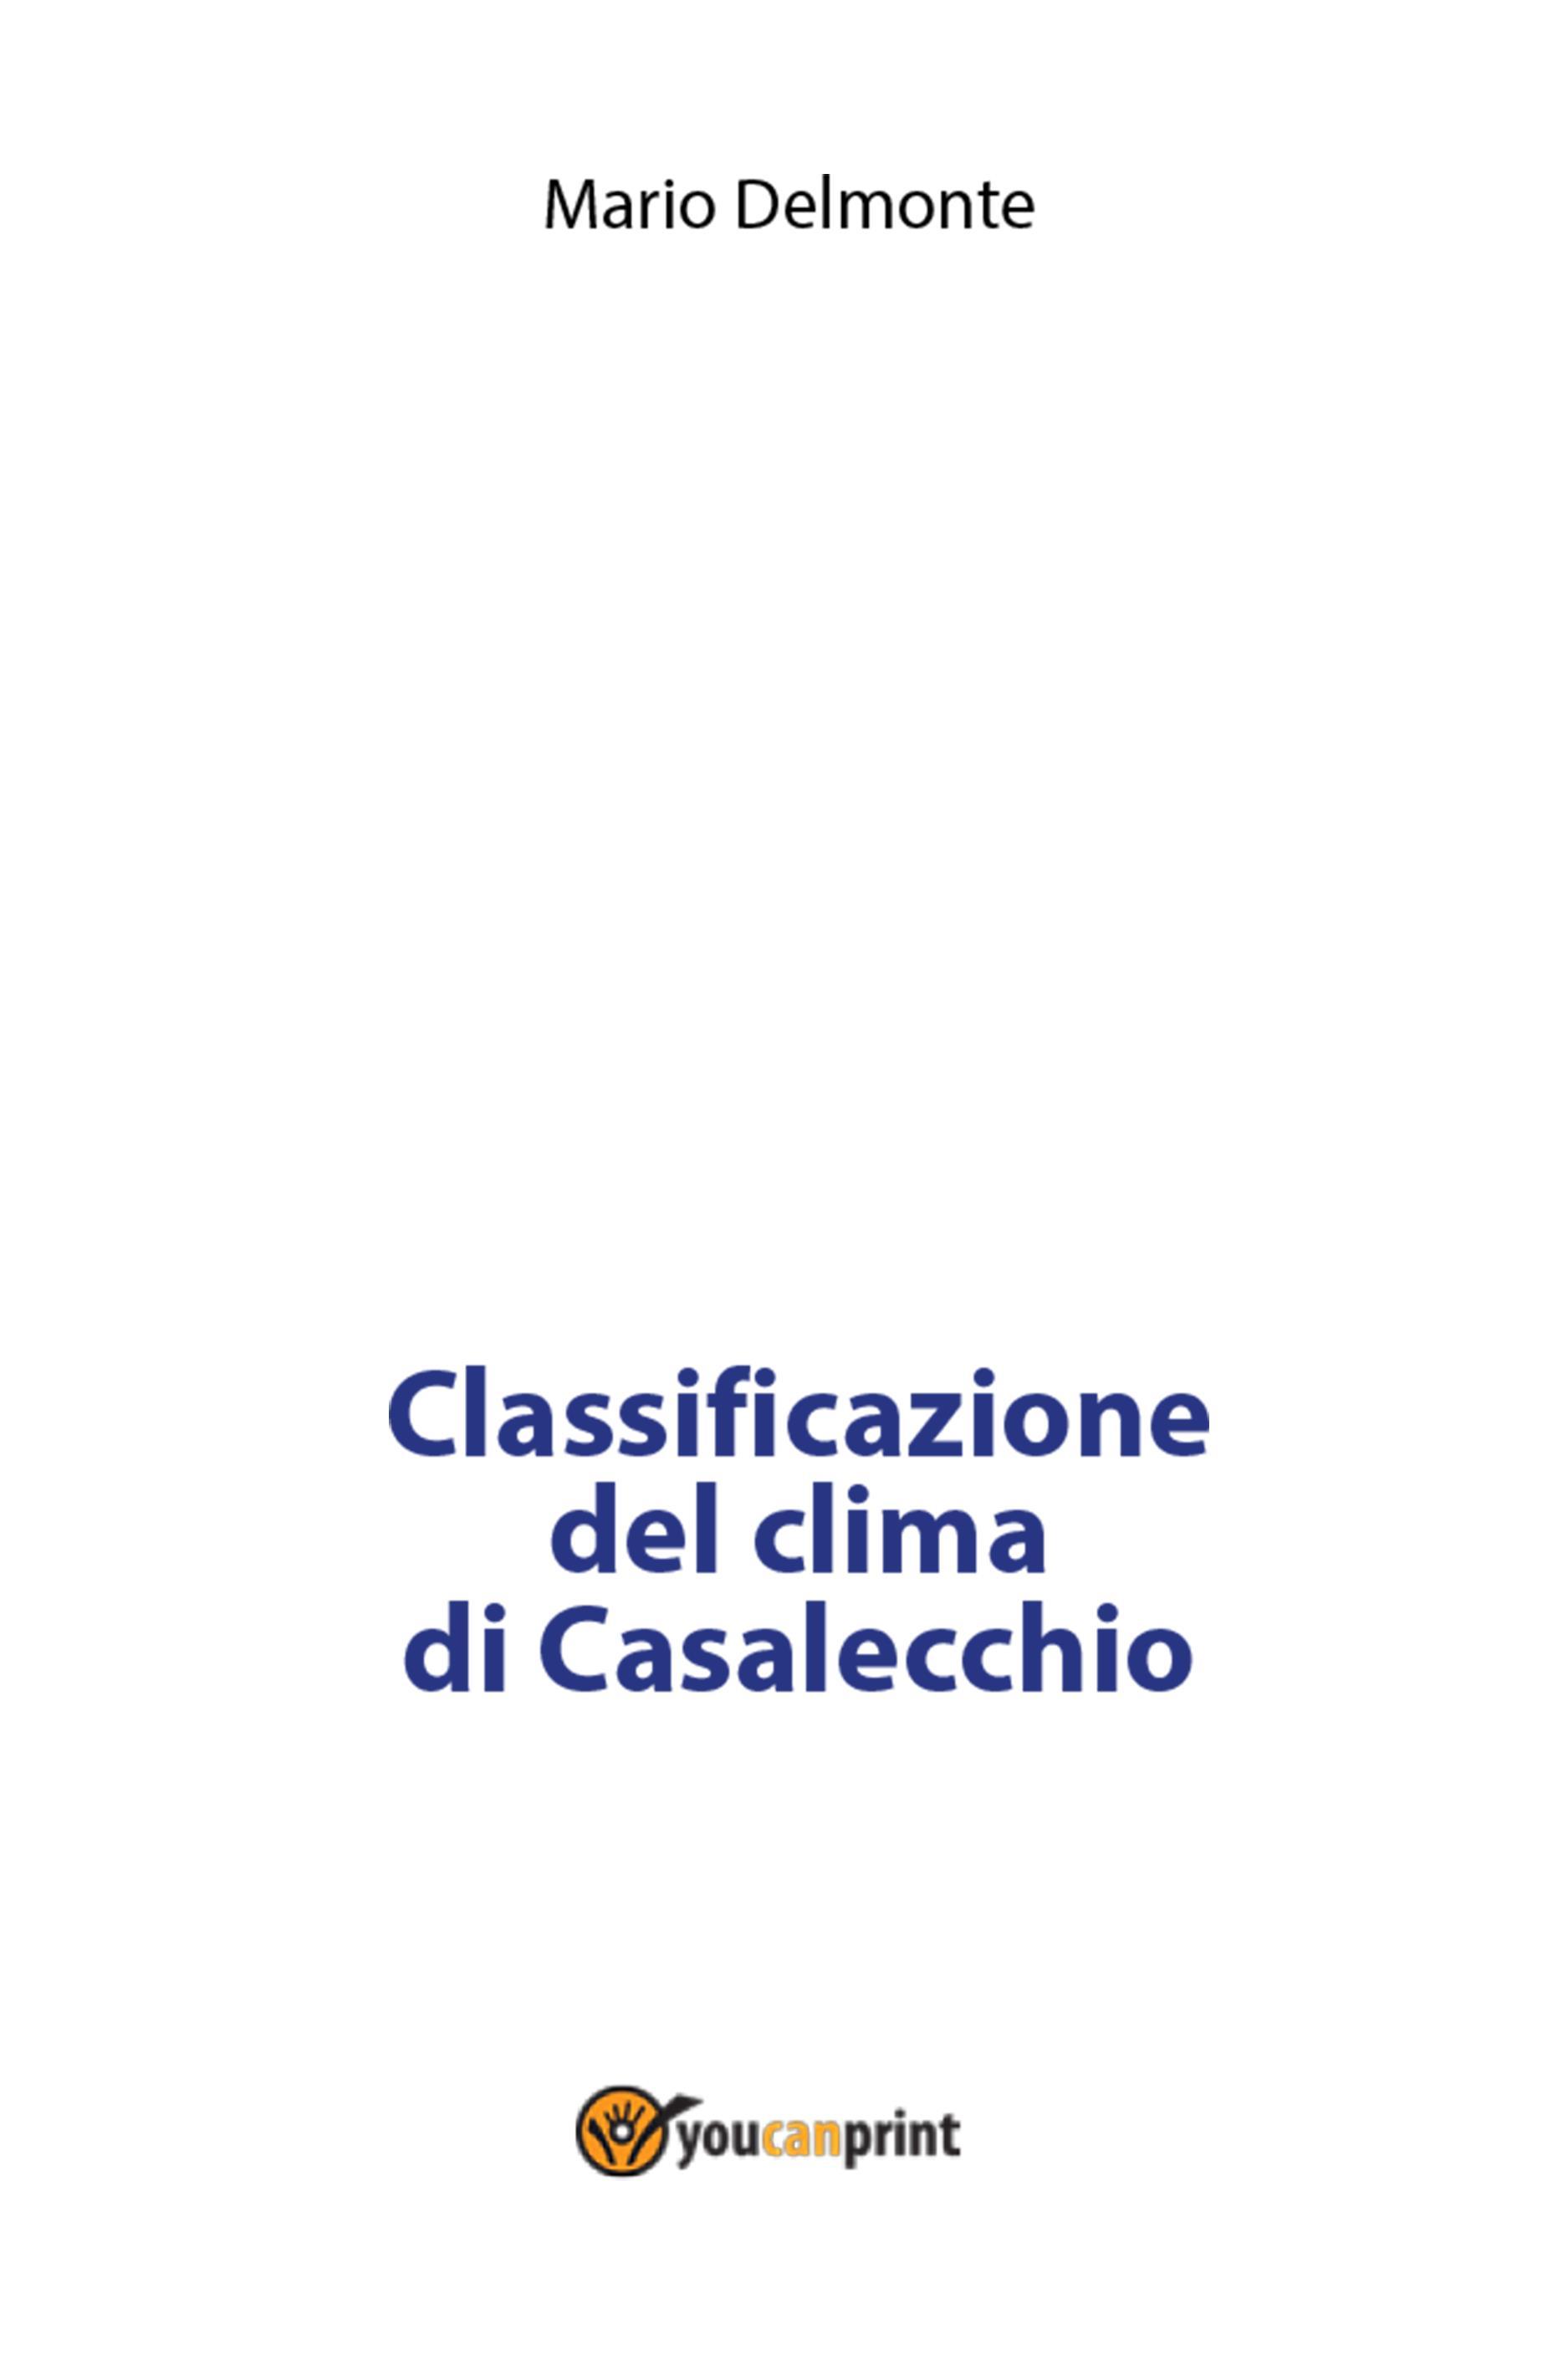 Classificazione del clima di Casalecchio